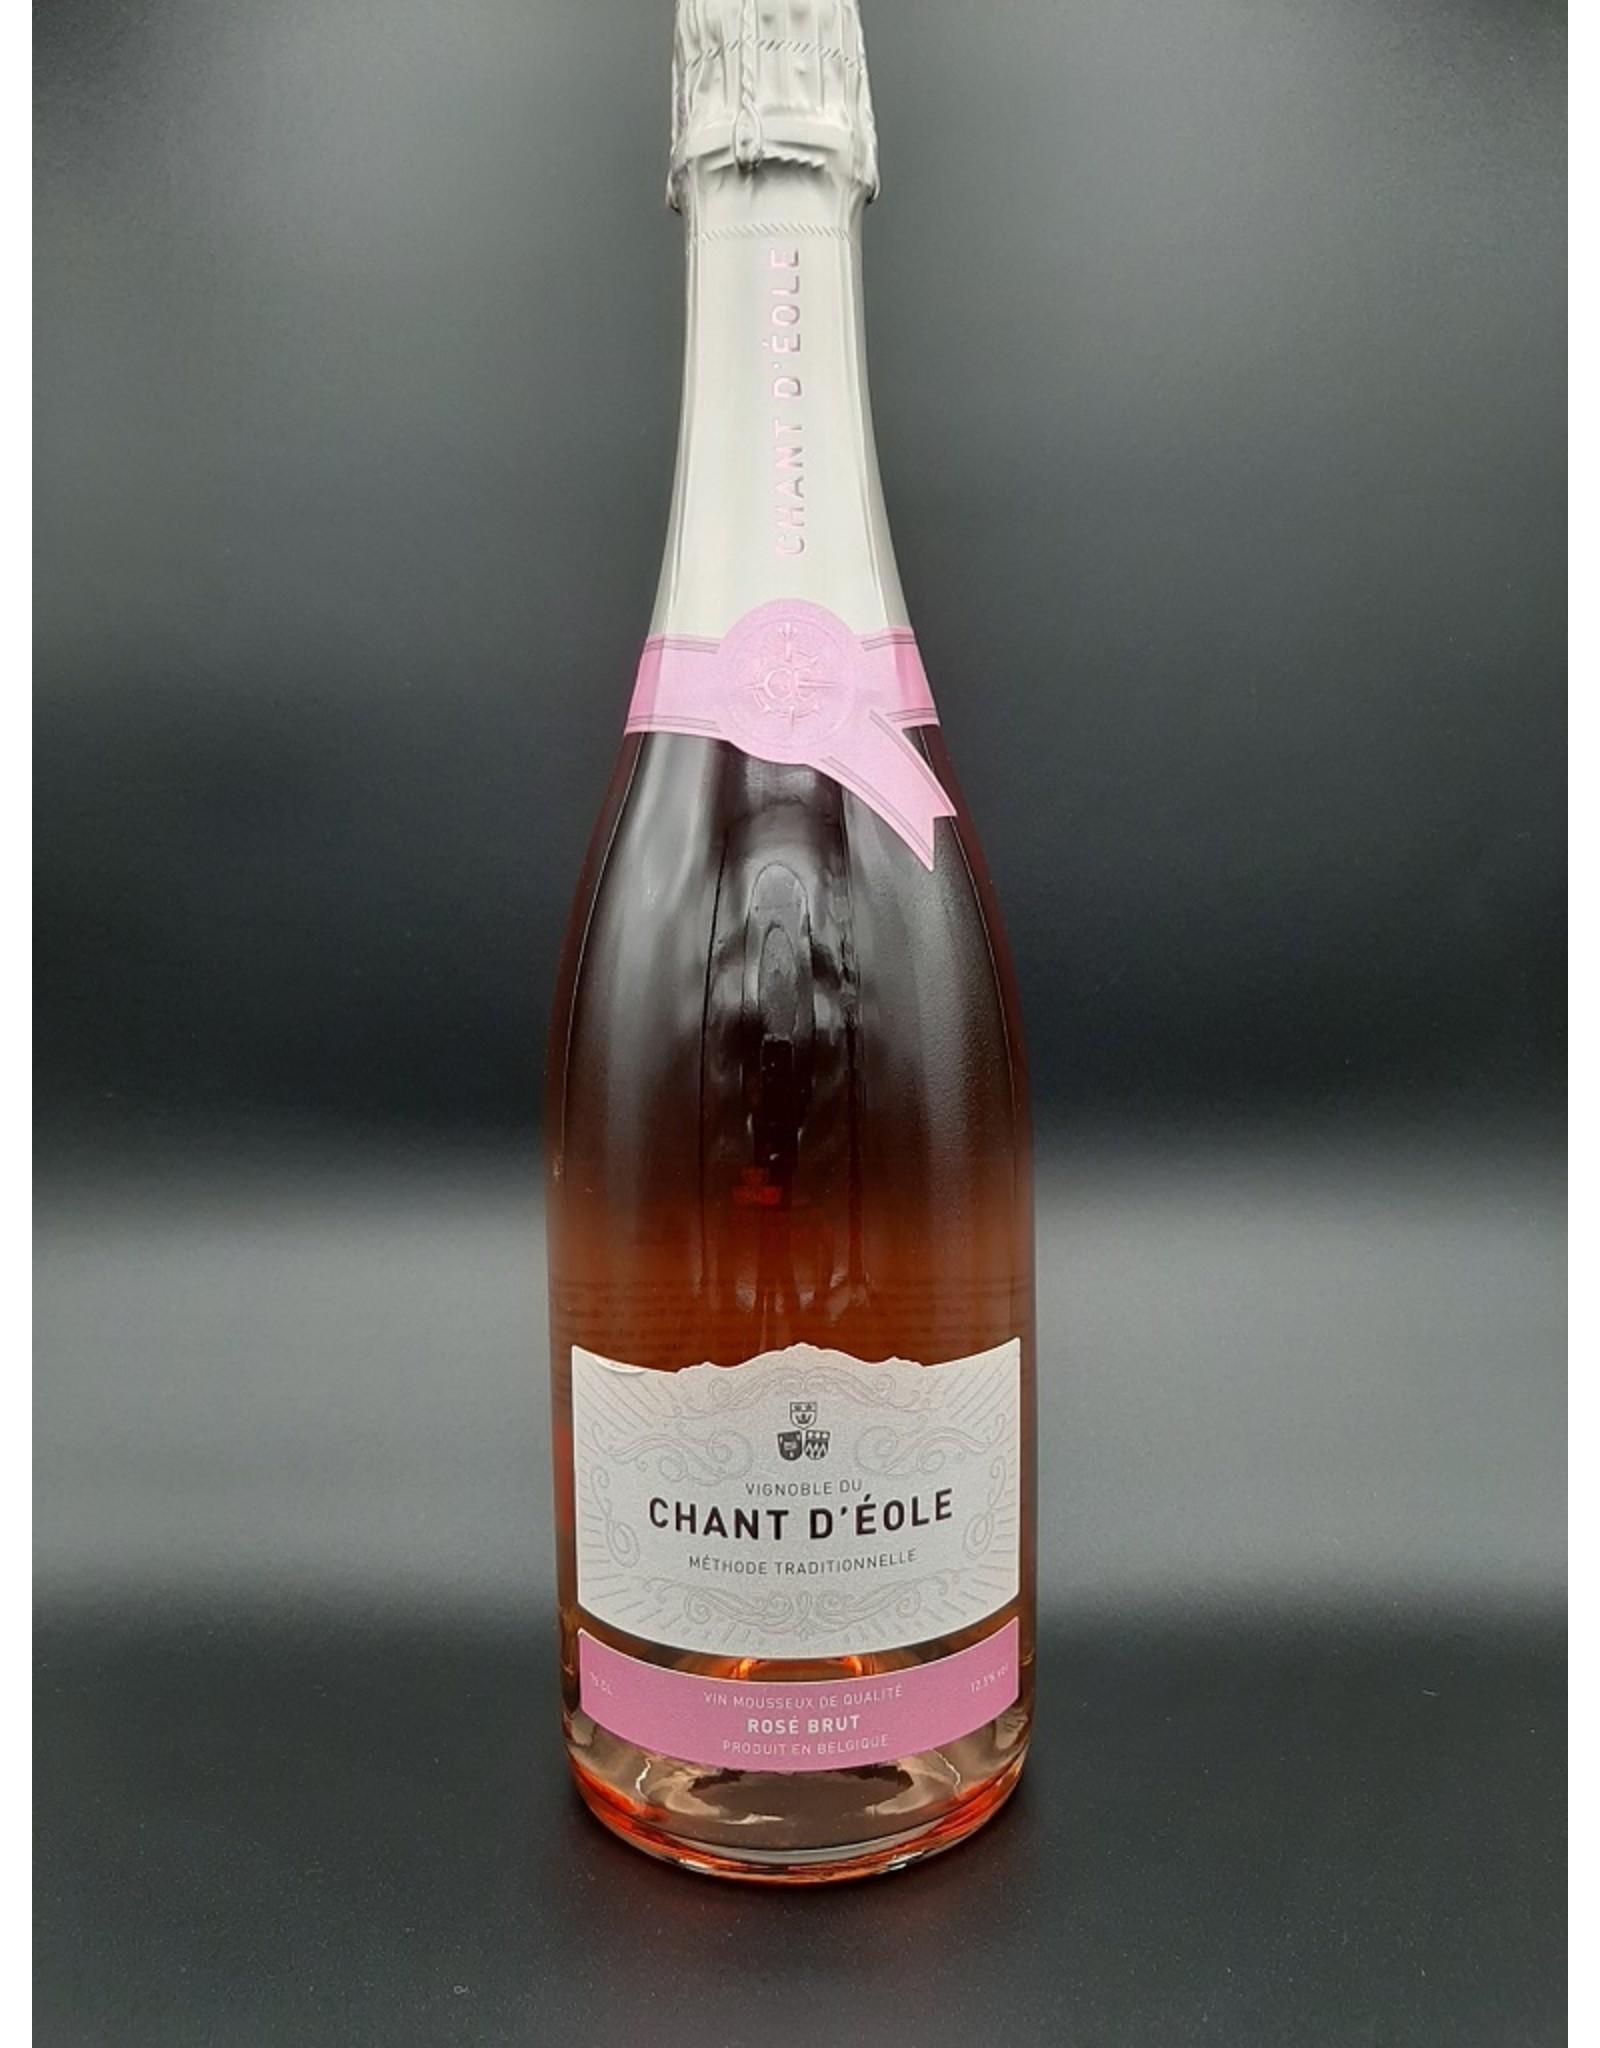 Domaine du Chant d'Eole Chant d'Eole - Brut Rosé